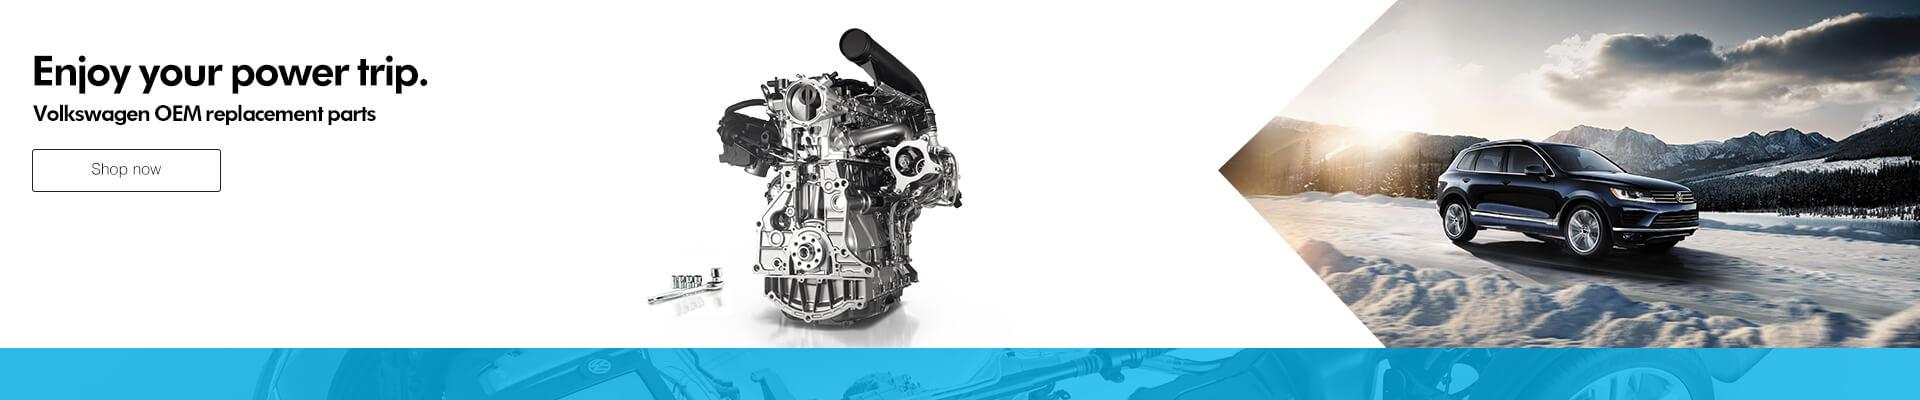 Volkswagen OEM replacement parts